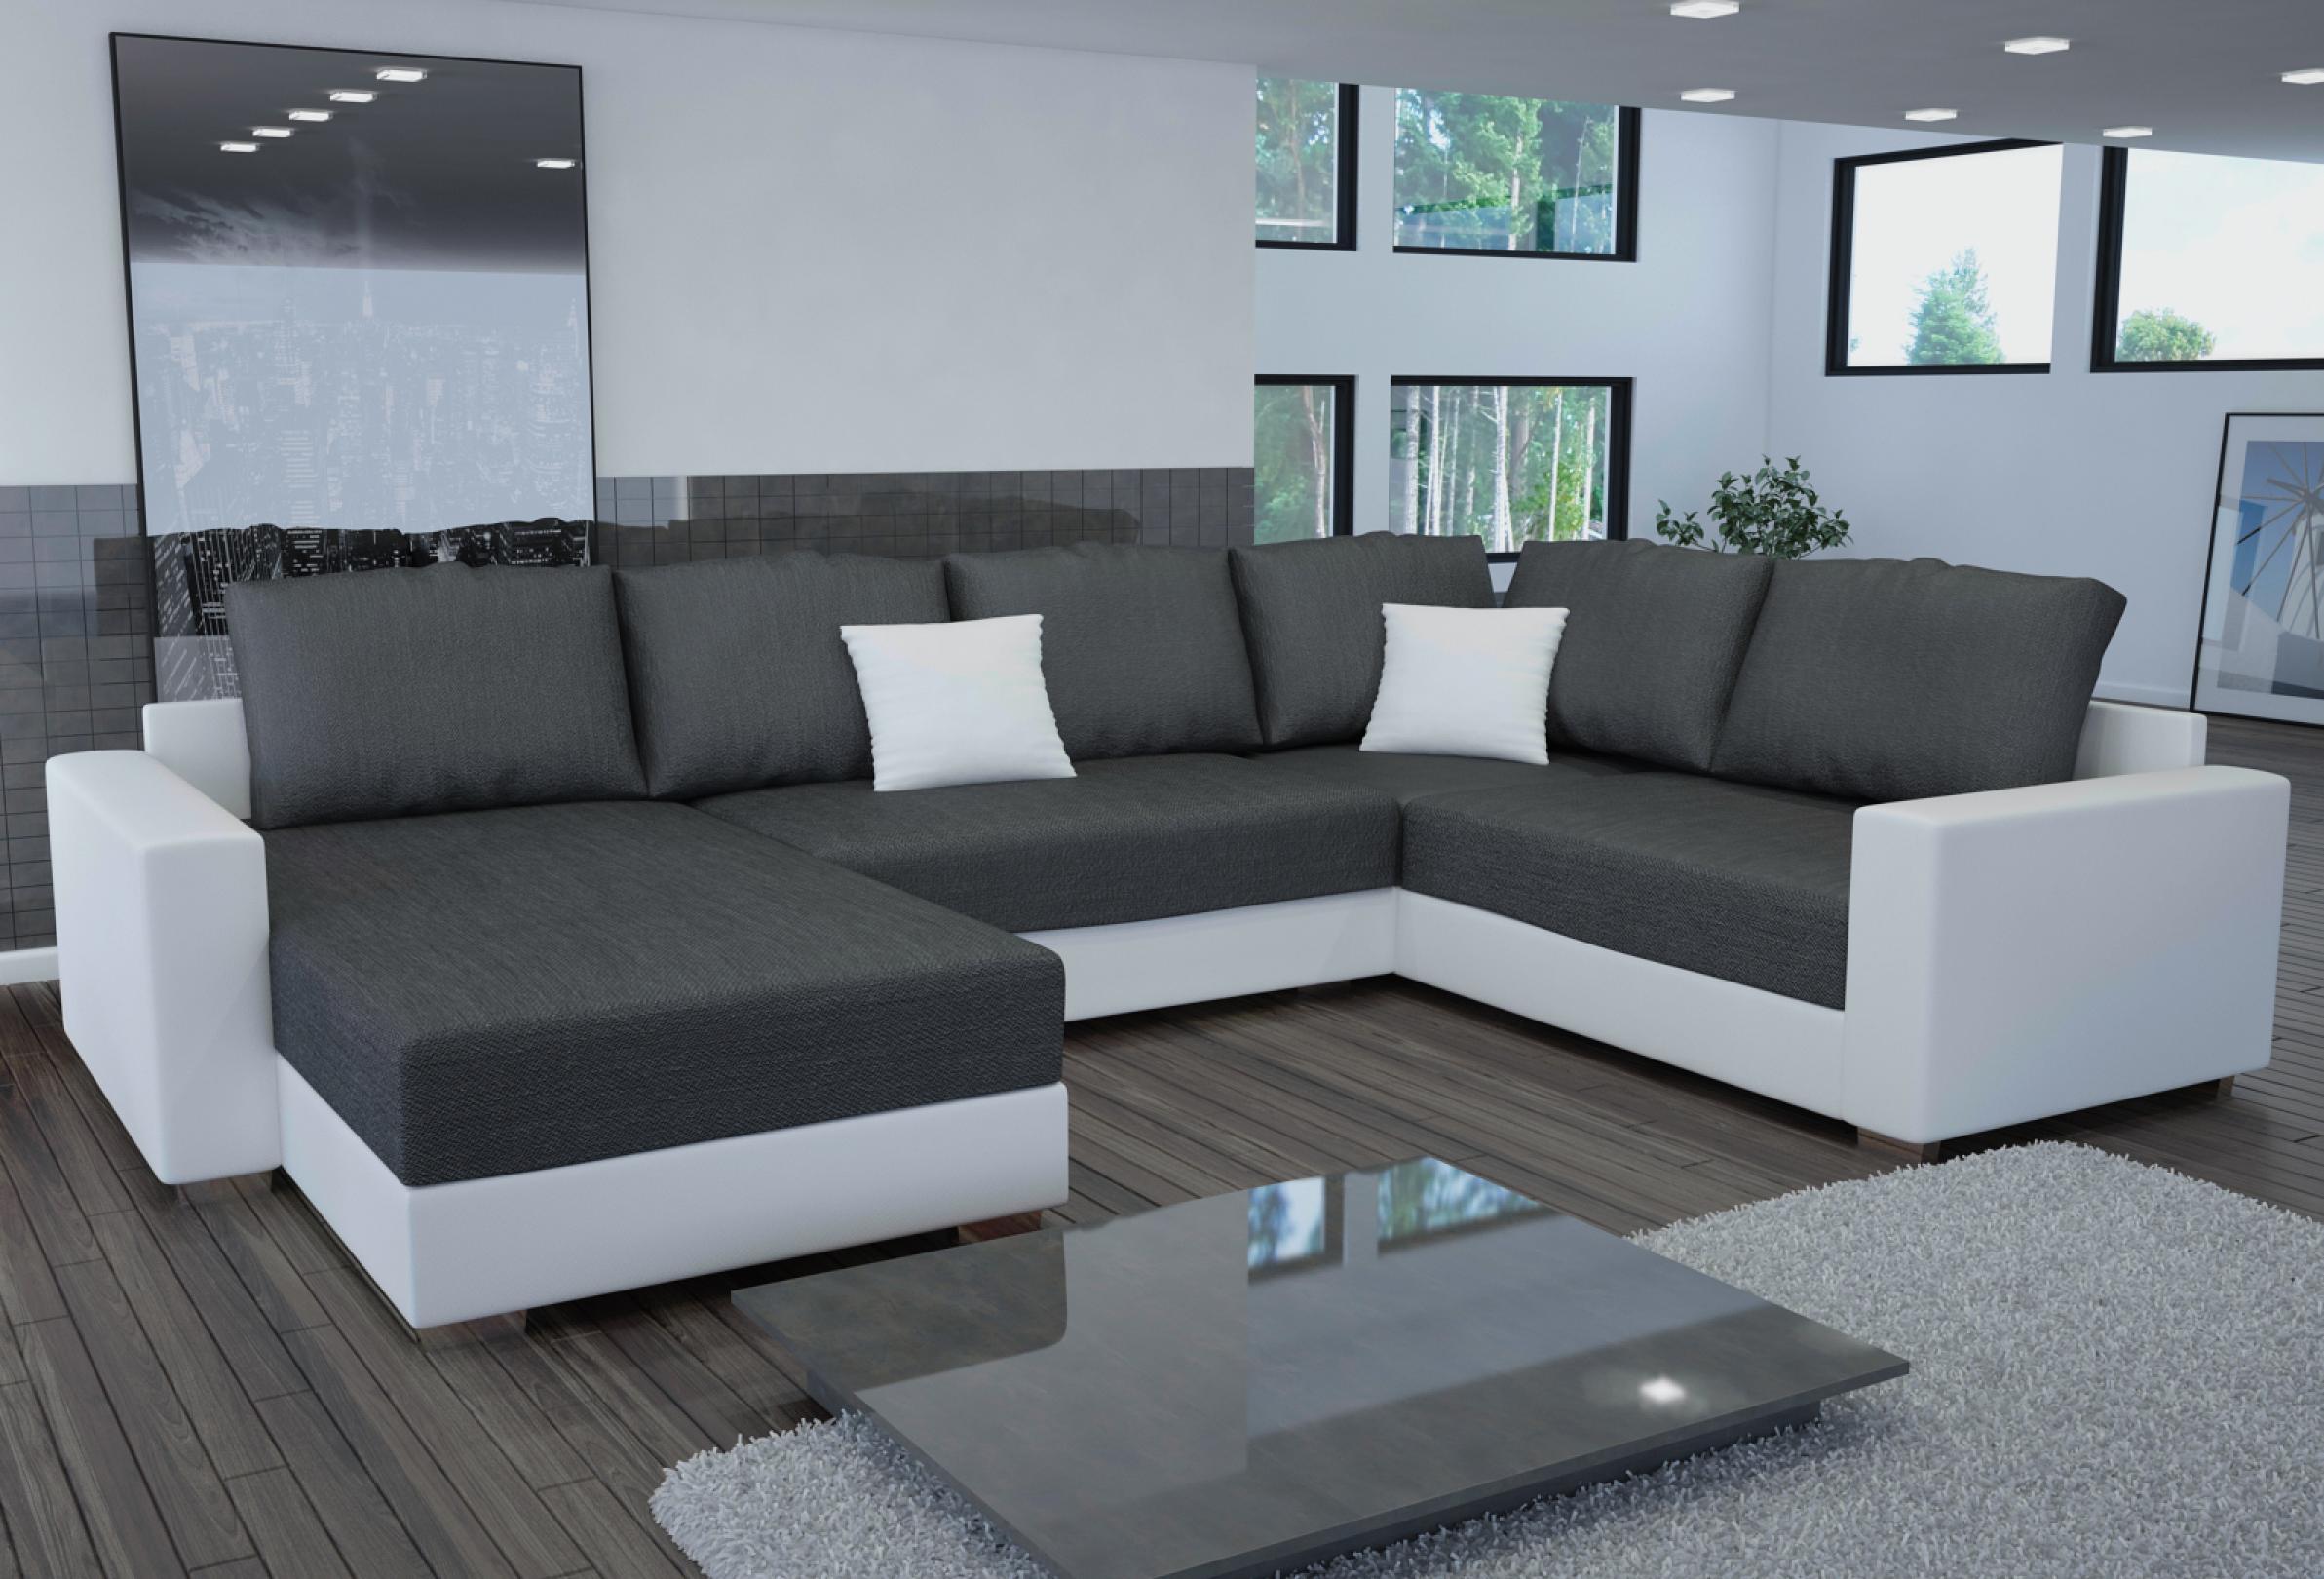 Photos canap gris et blanc design for Canape gris et blanc